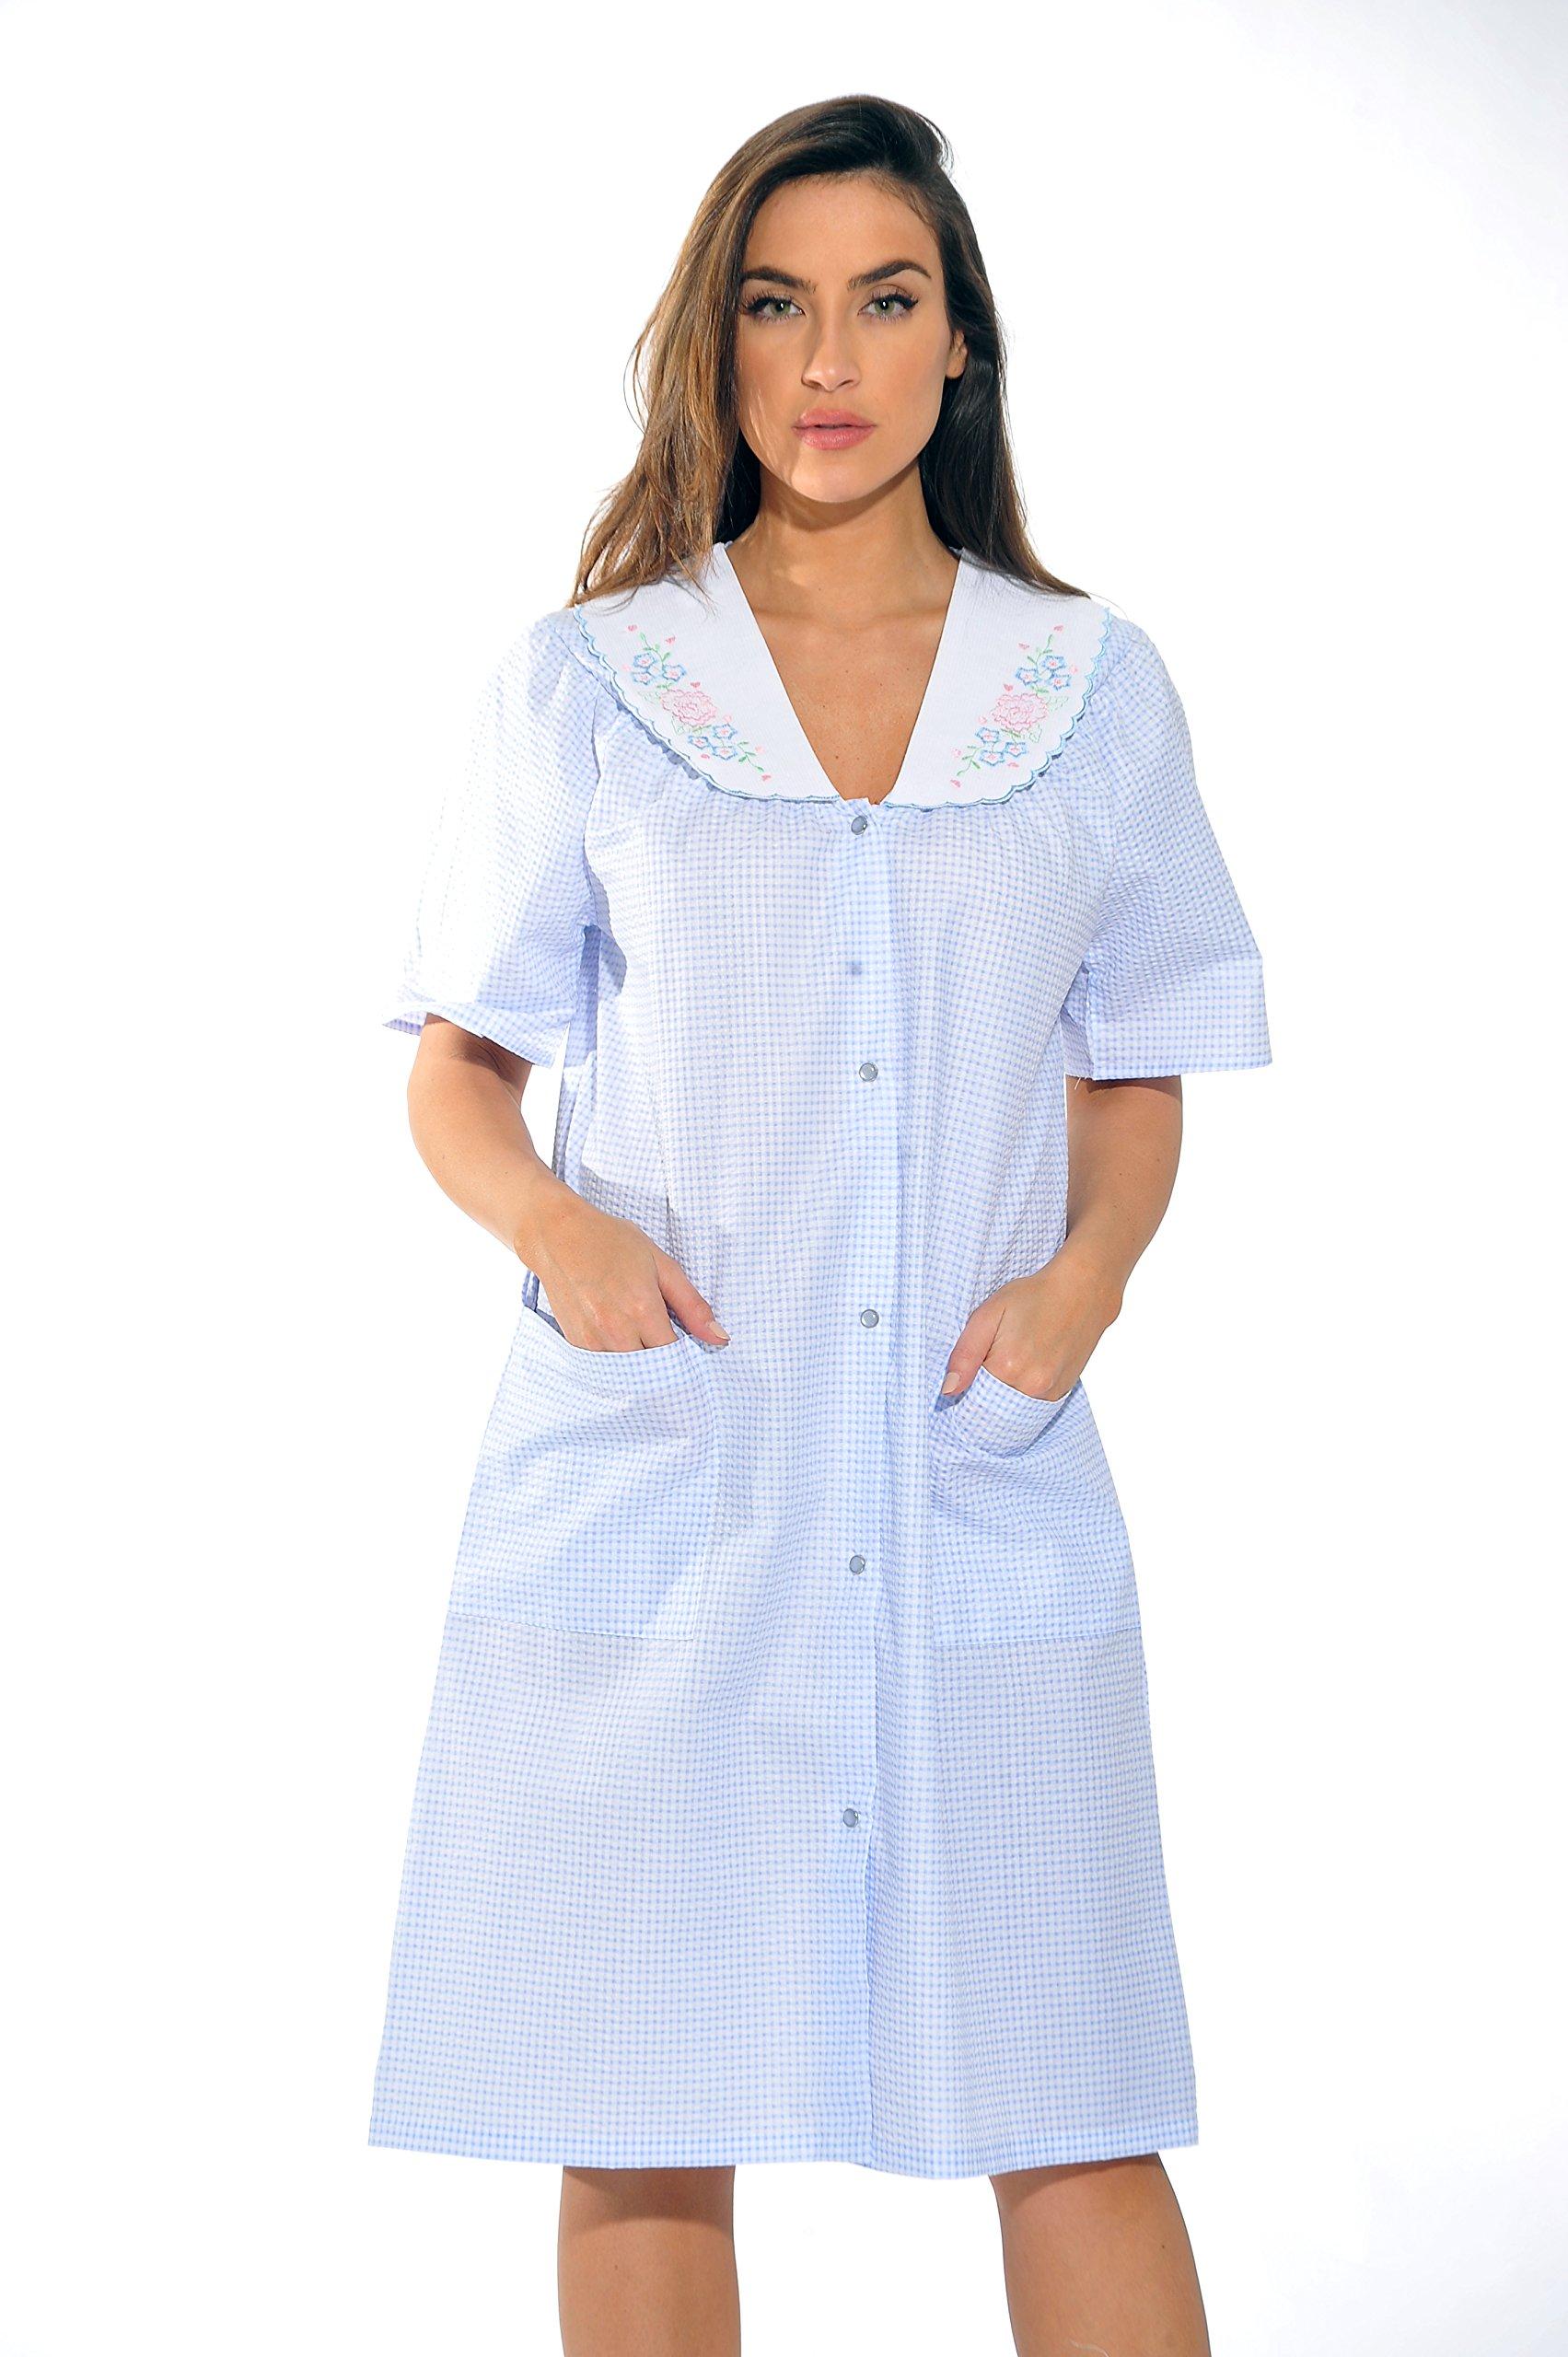 Dream Crest 8511-Blue-3X Dreamcrest Short Sleeve Duster/Housecoat/Women Sleepwear